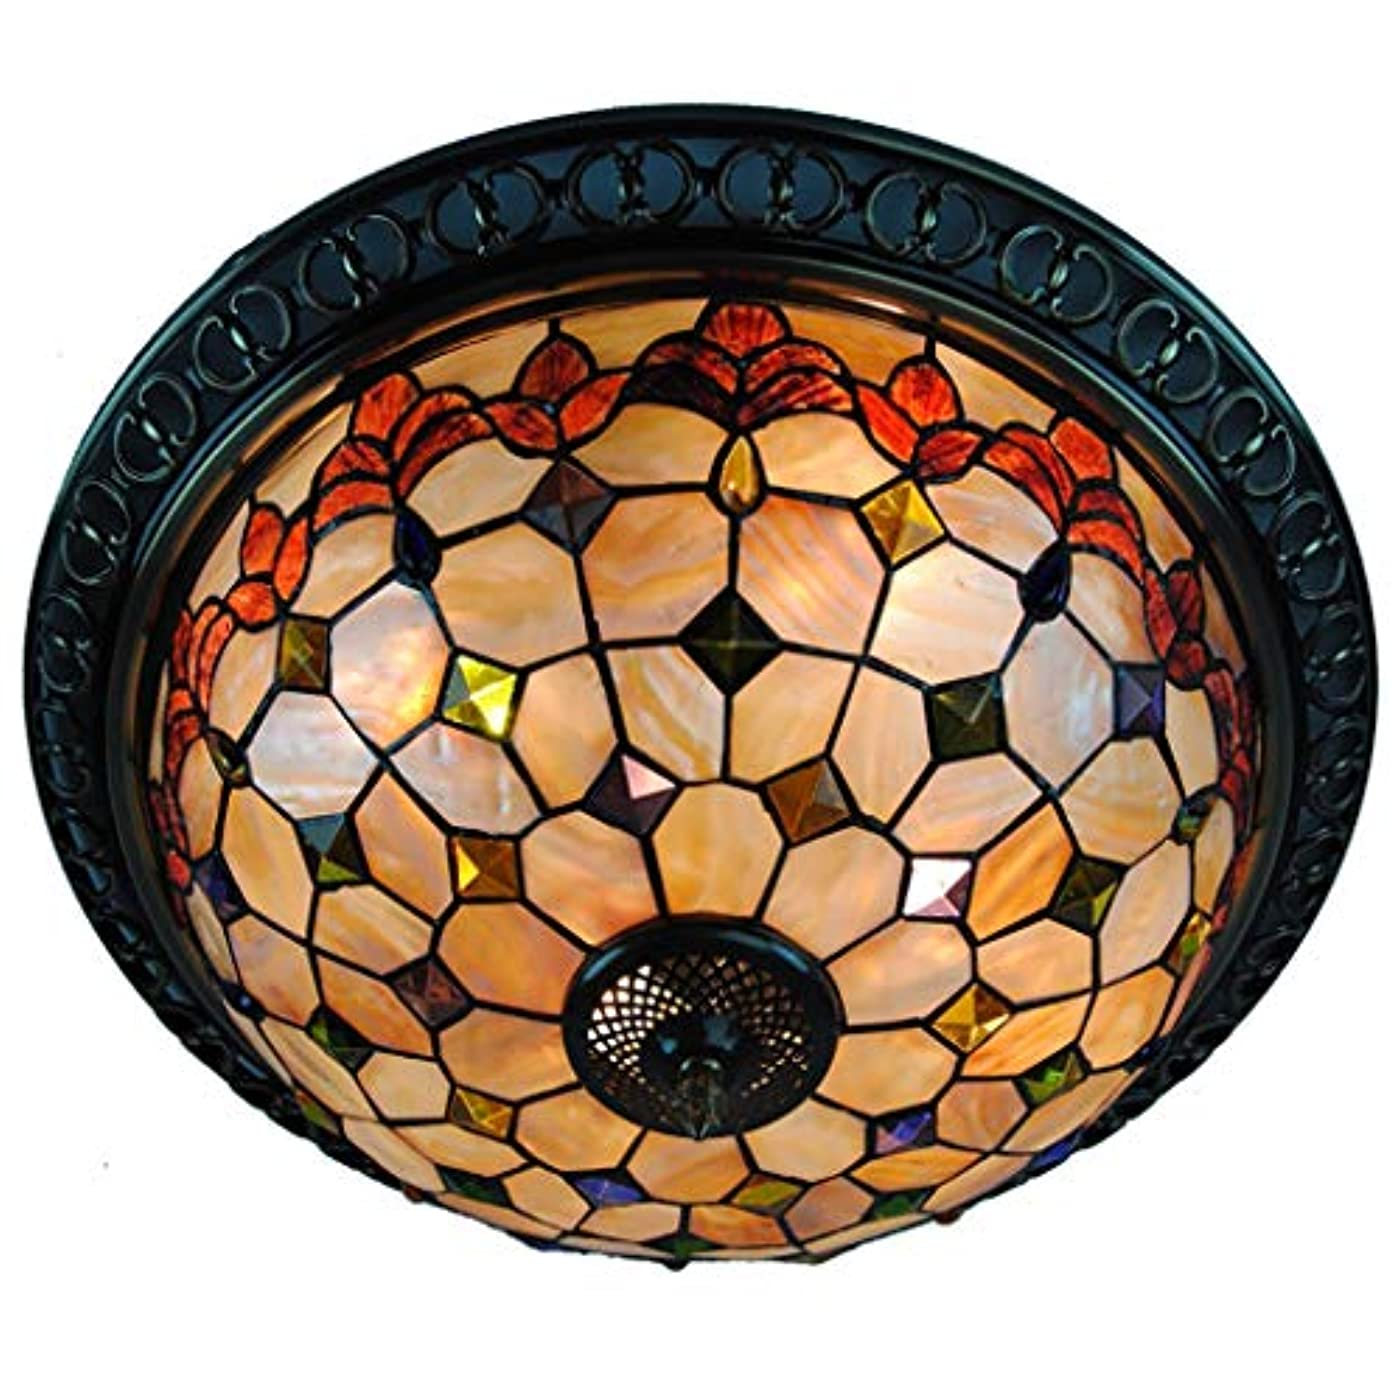 デザイナードキュメンタリー記憶雷子ランプ ティファニーヨーロッパのシェルサイドフラワー天井のランプリビングルームベッドルームのバーの装飾16インチ